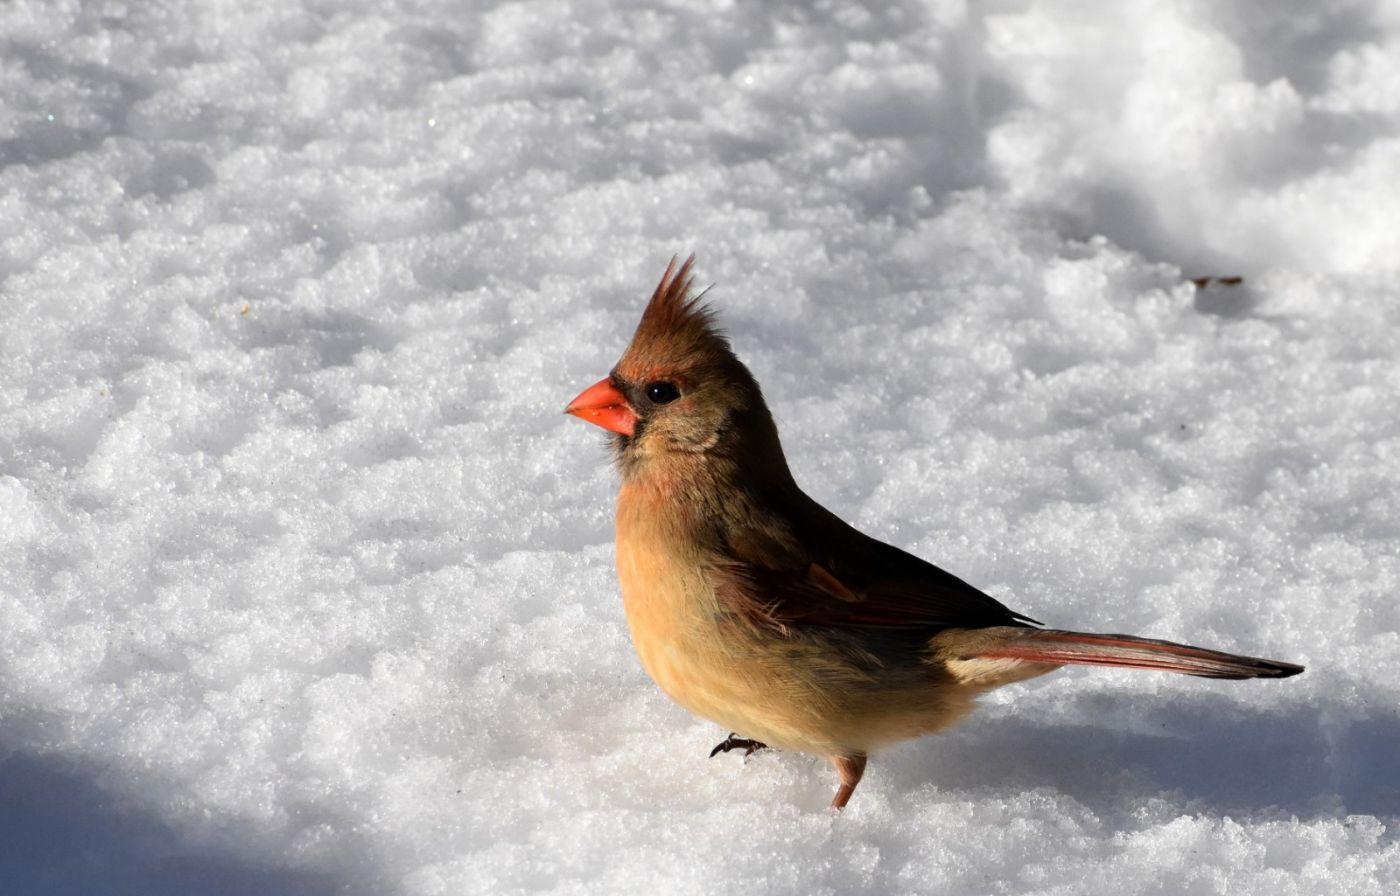 雪后鸟儿忙觅食_图1-5